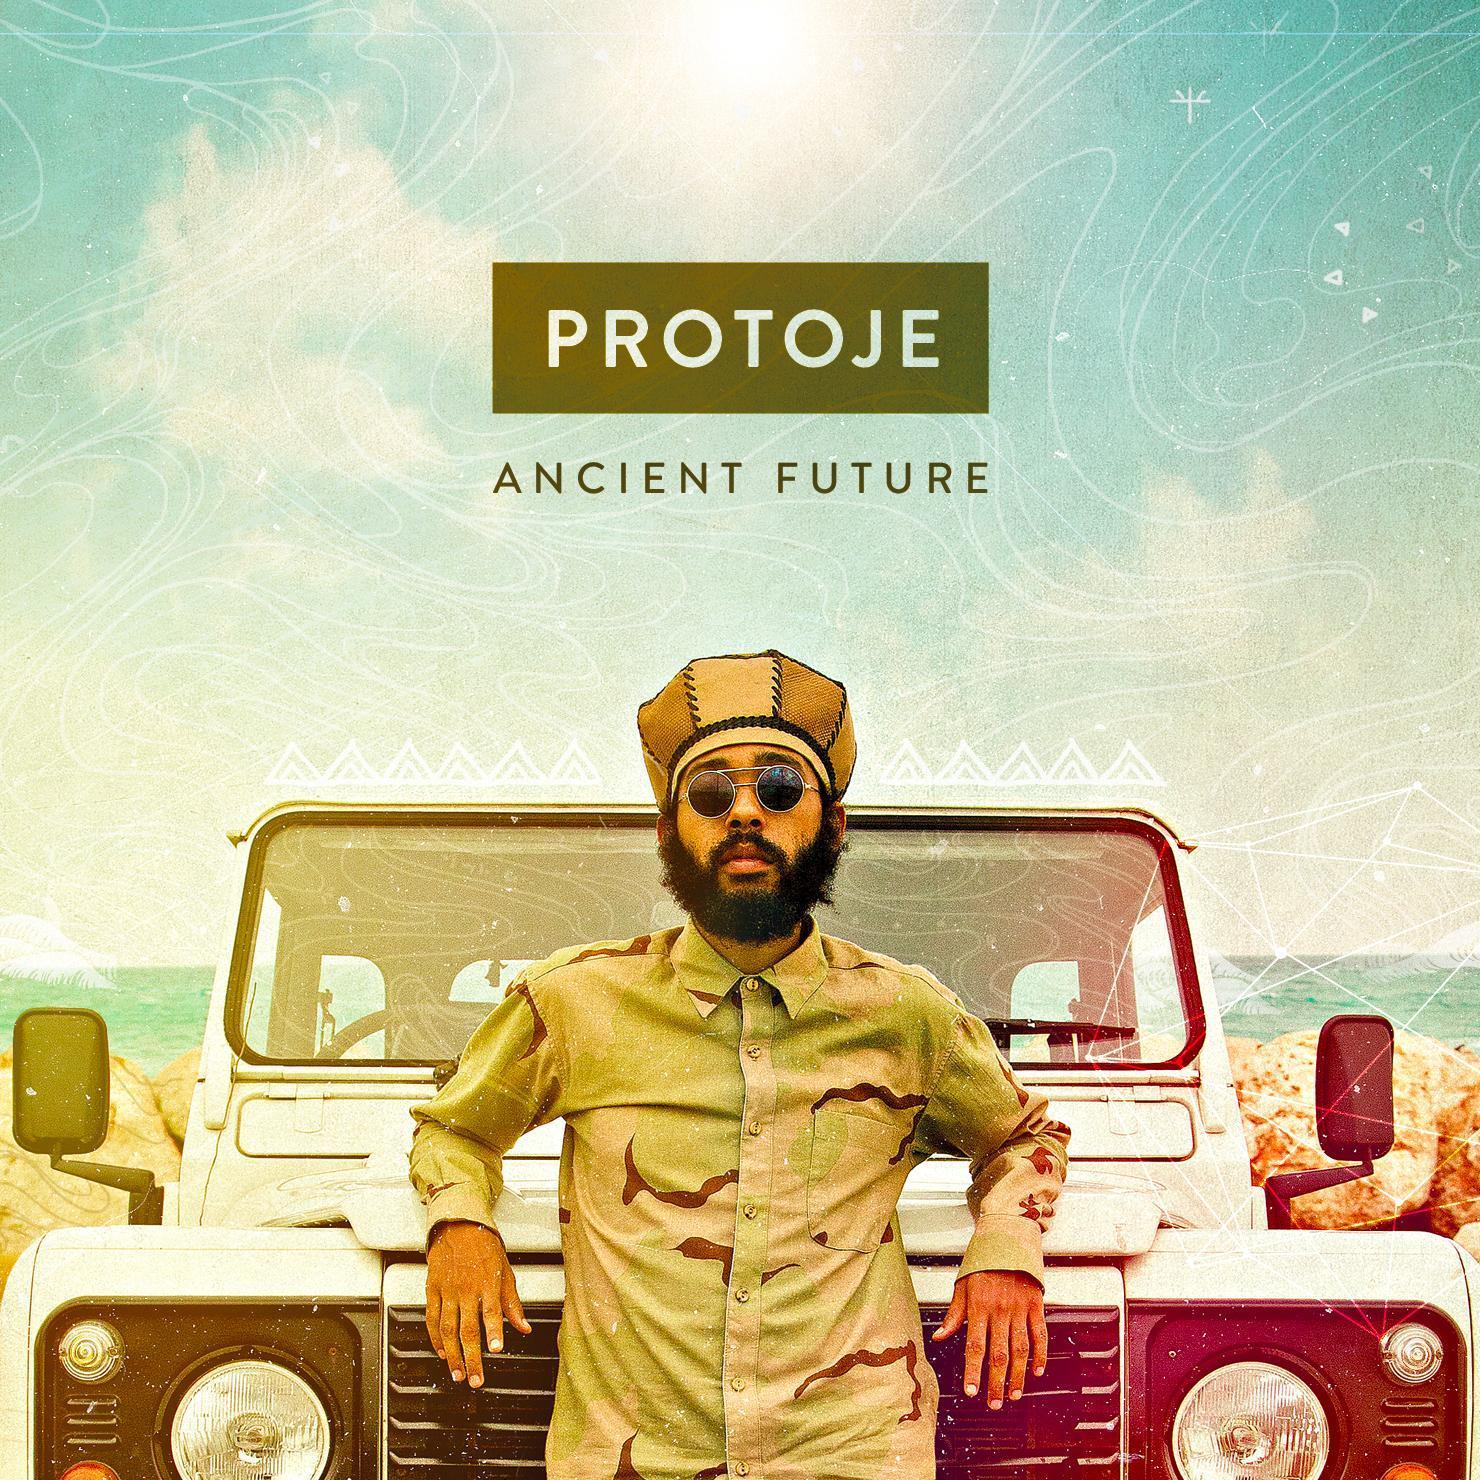 Анонс нового альбома Protoje